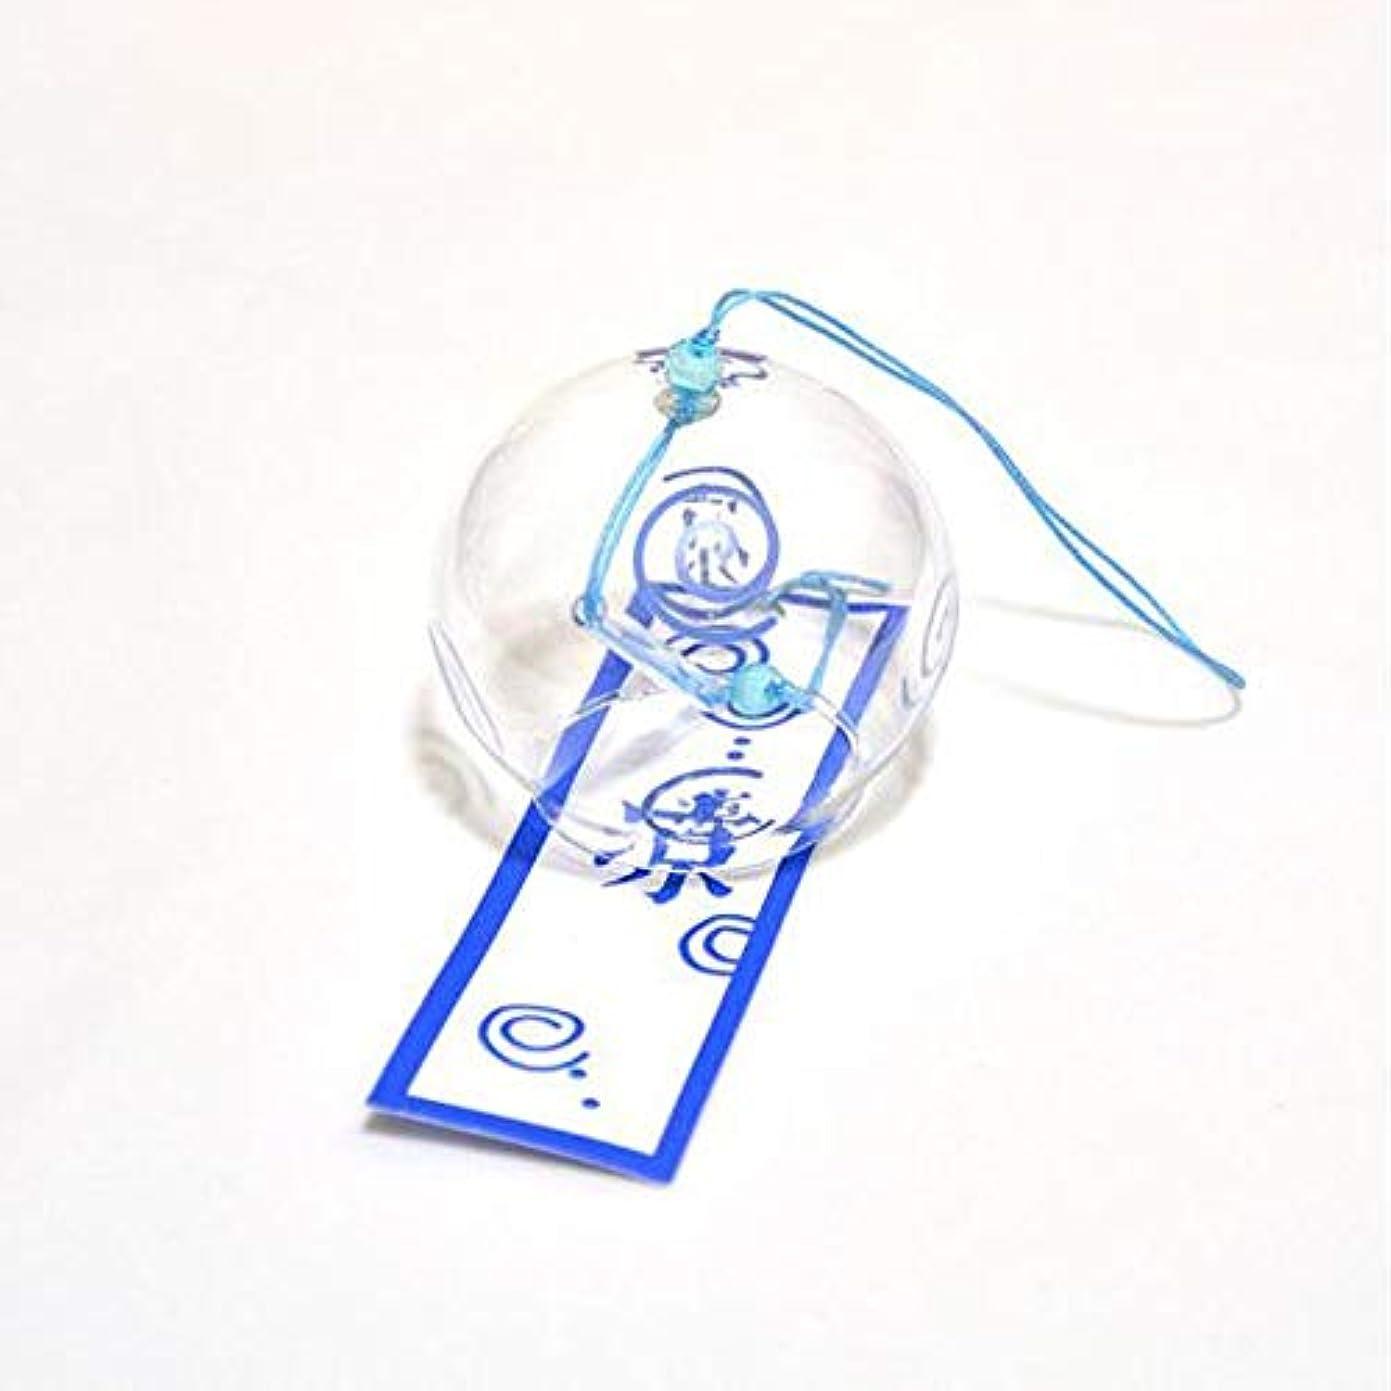 アクセスロゴかりてYougou01 風チャイム、手描きのグラス風チャイム、透明、サイズ6 * 7CM 、創造的な装飾 (Color : Blue)